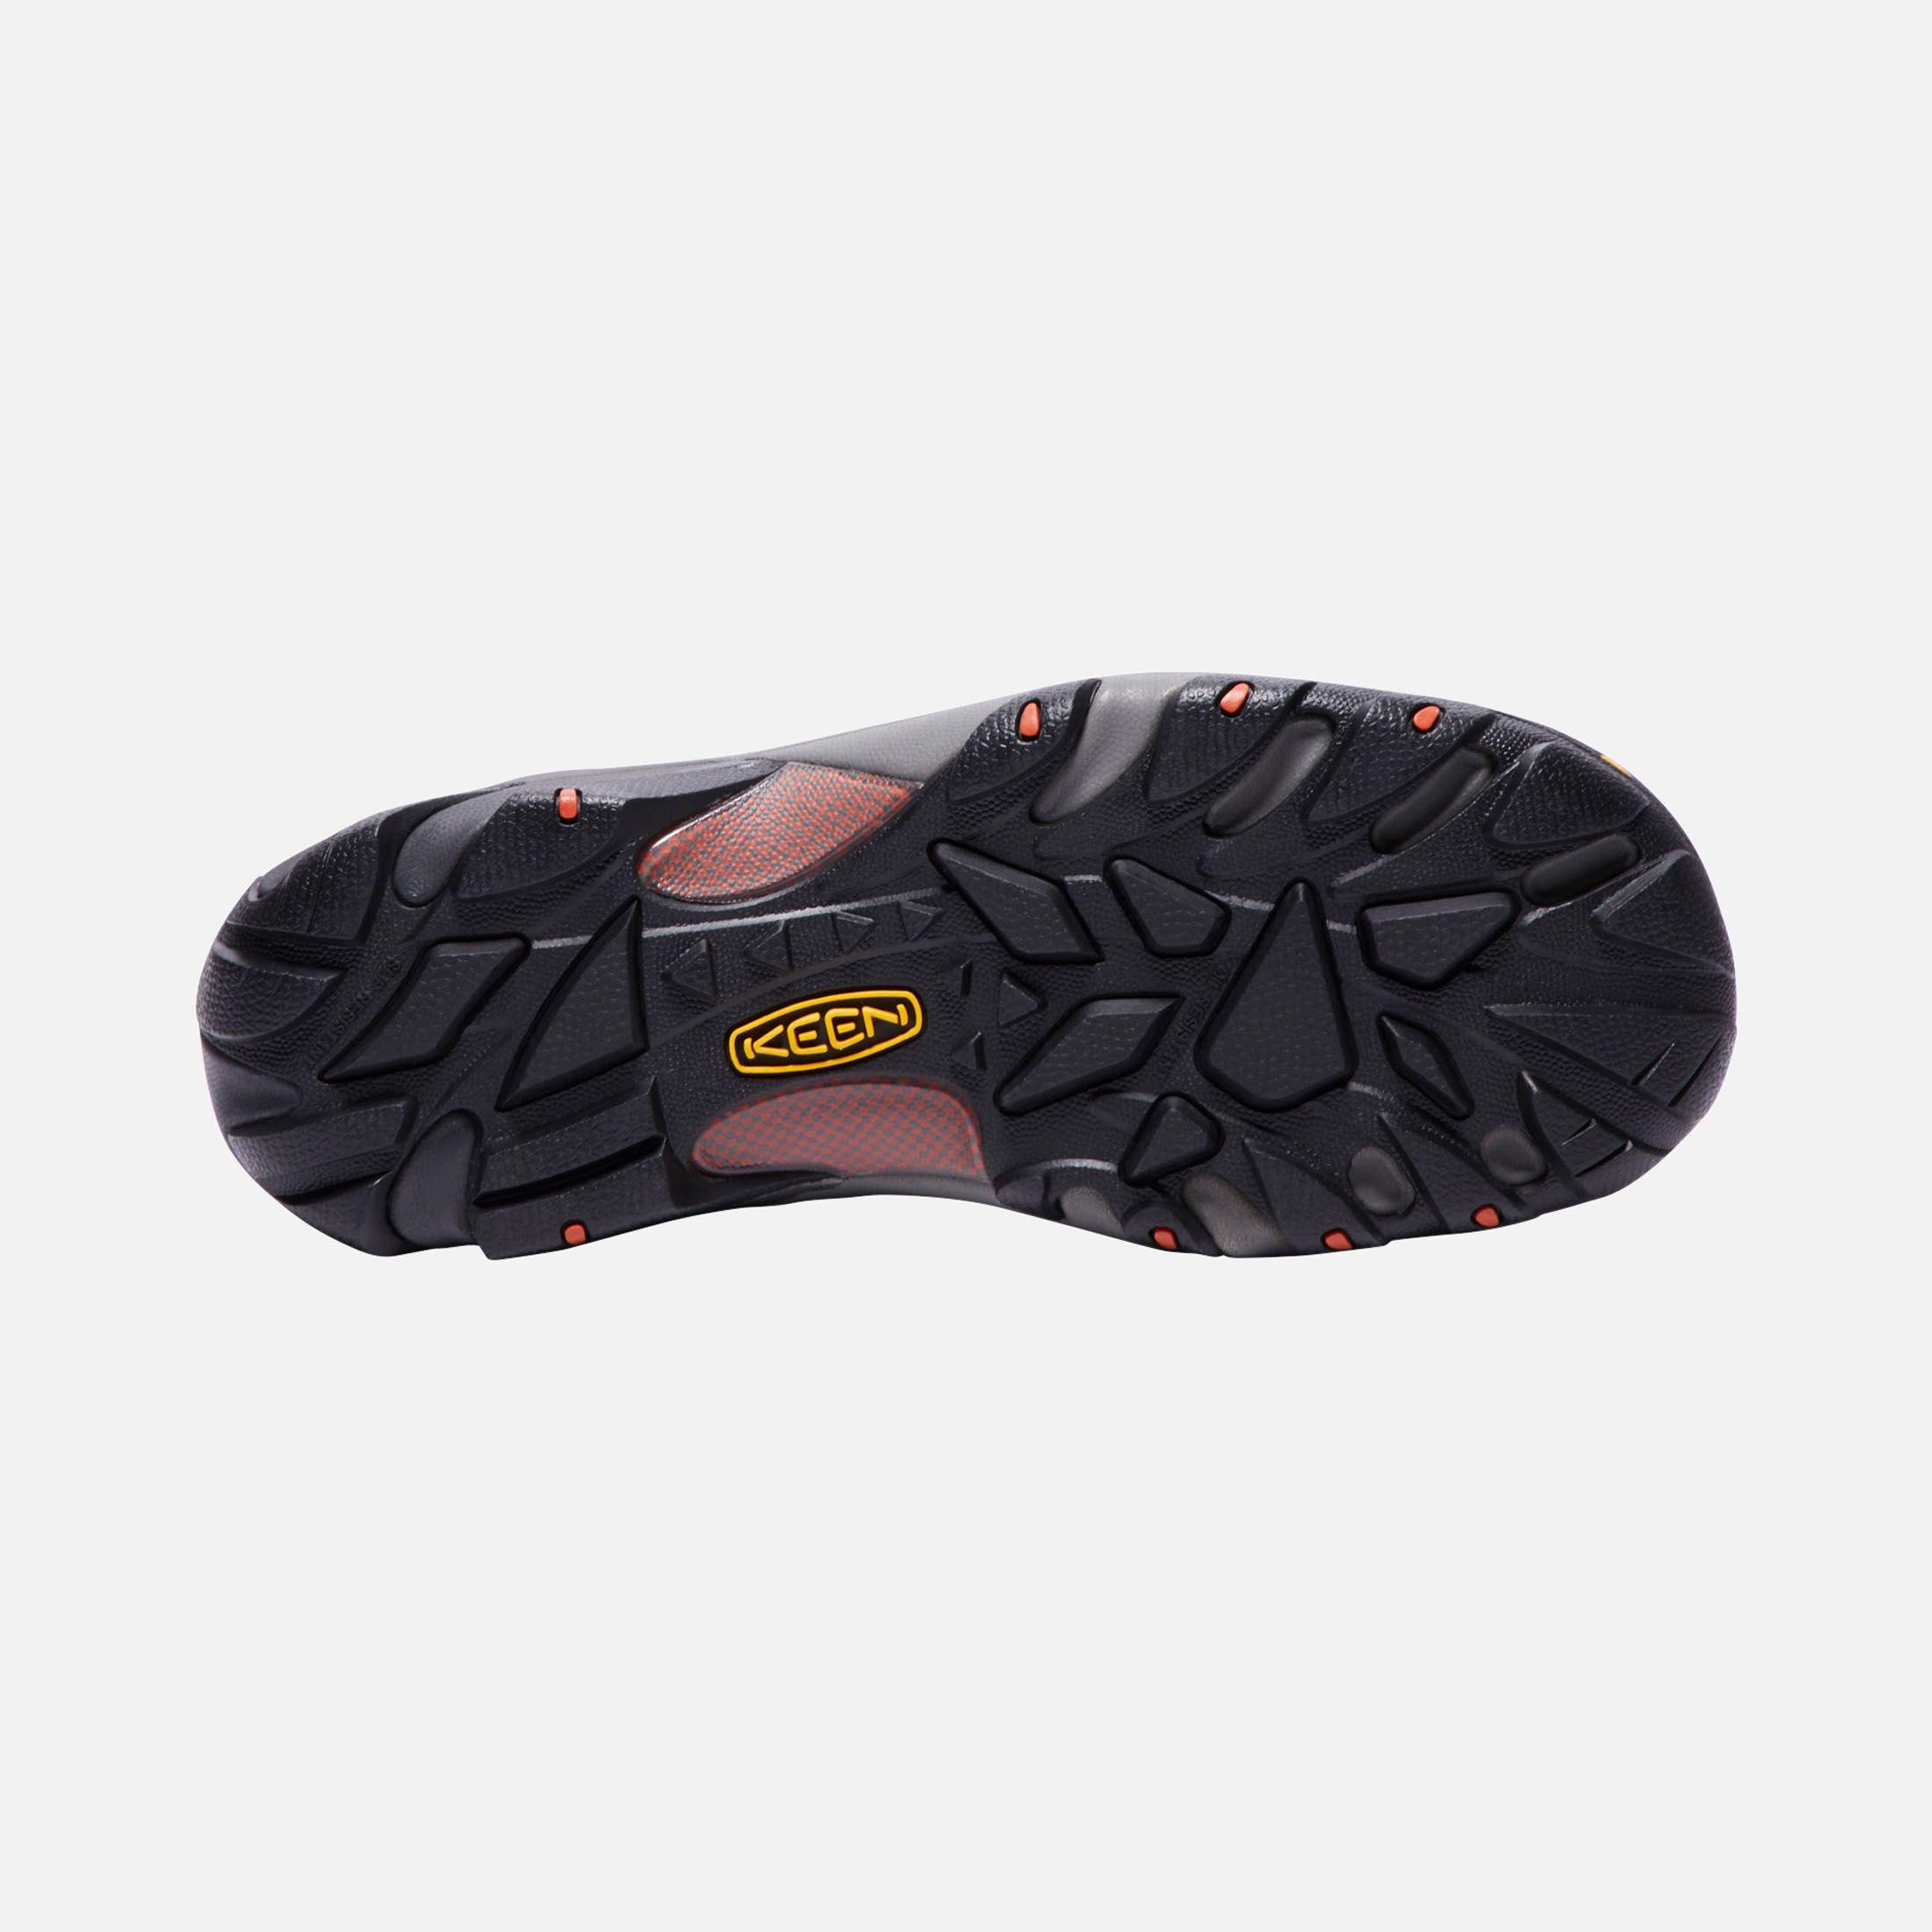 Keen Men S Boulder Low Steel Toe Shoes Size 10 5 Wide In Raven